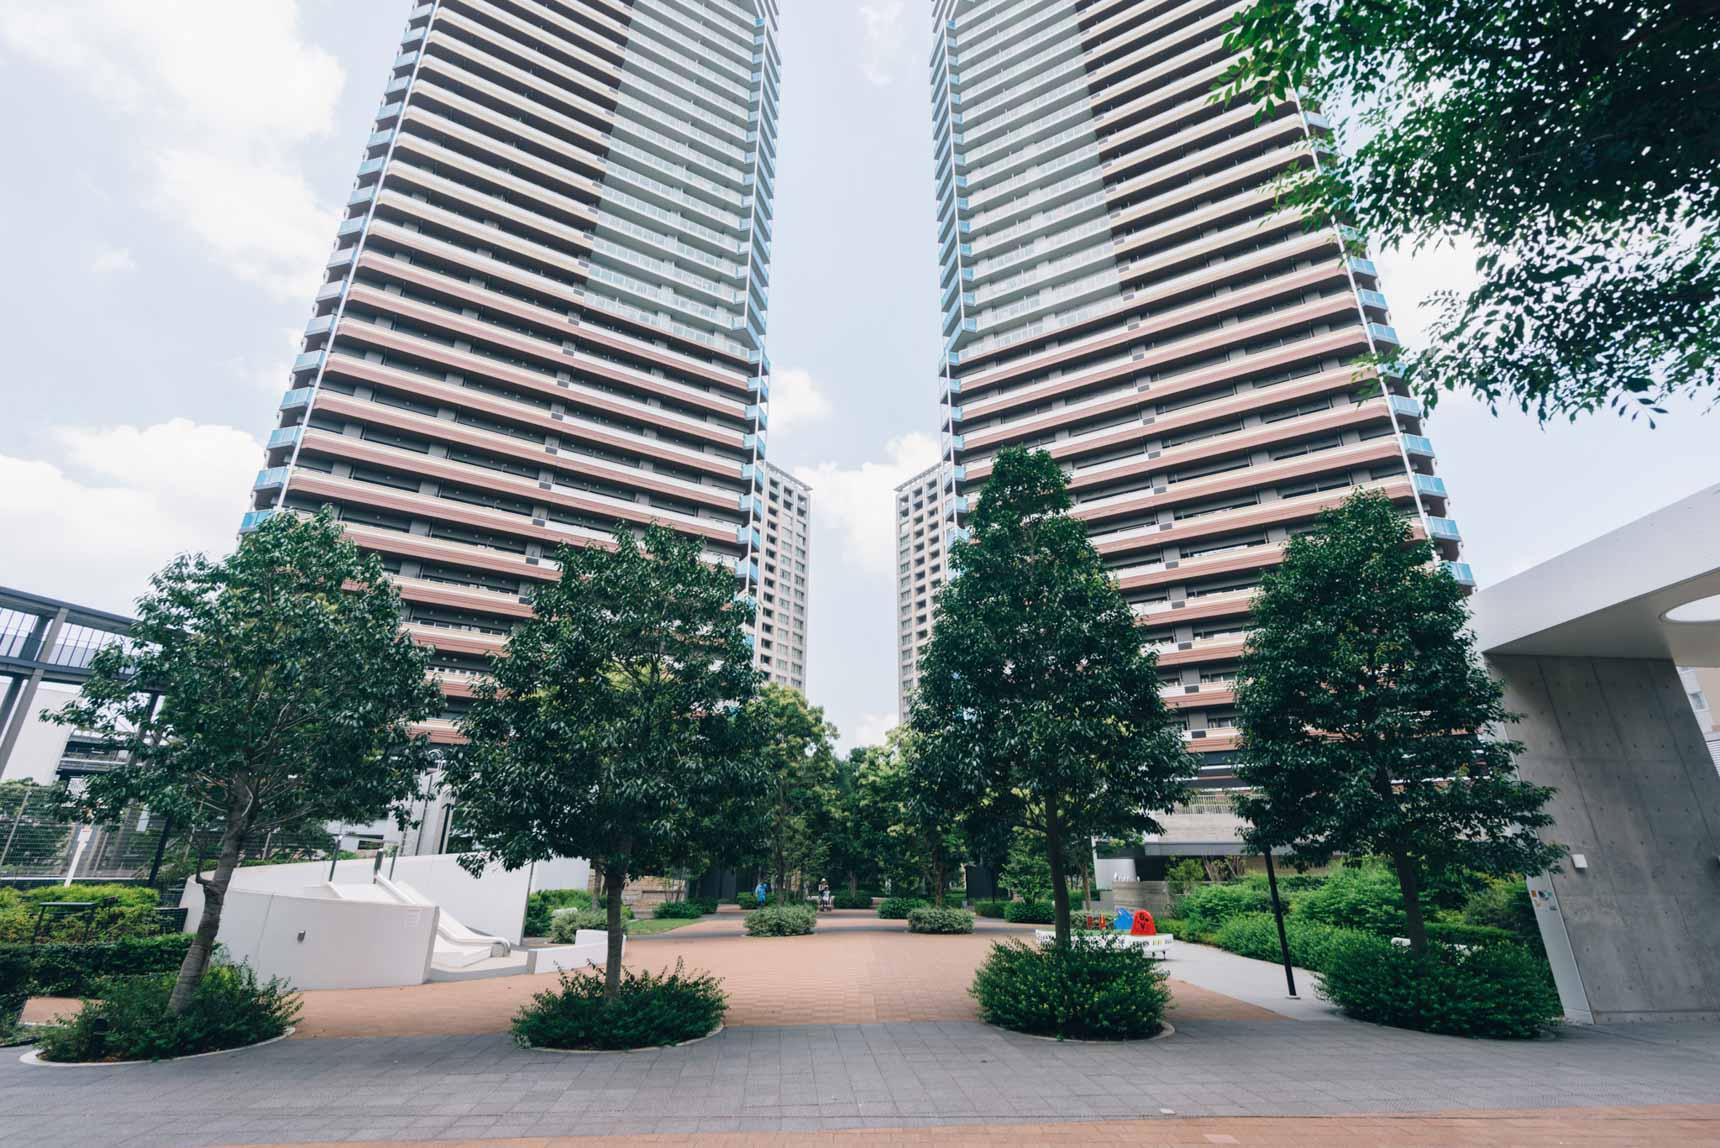 すぐに目の前にあらわれる、2棟の高層マンション。こちら左手のタワーが今回拝見した「パークシティ 柏の葉キャンパス ザ・ゲートタワー ウエスト」です。